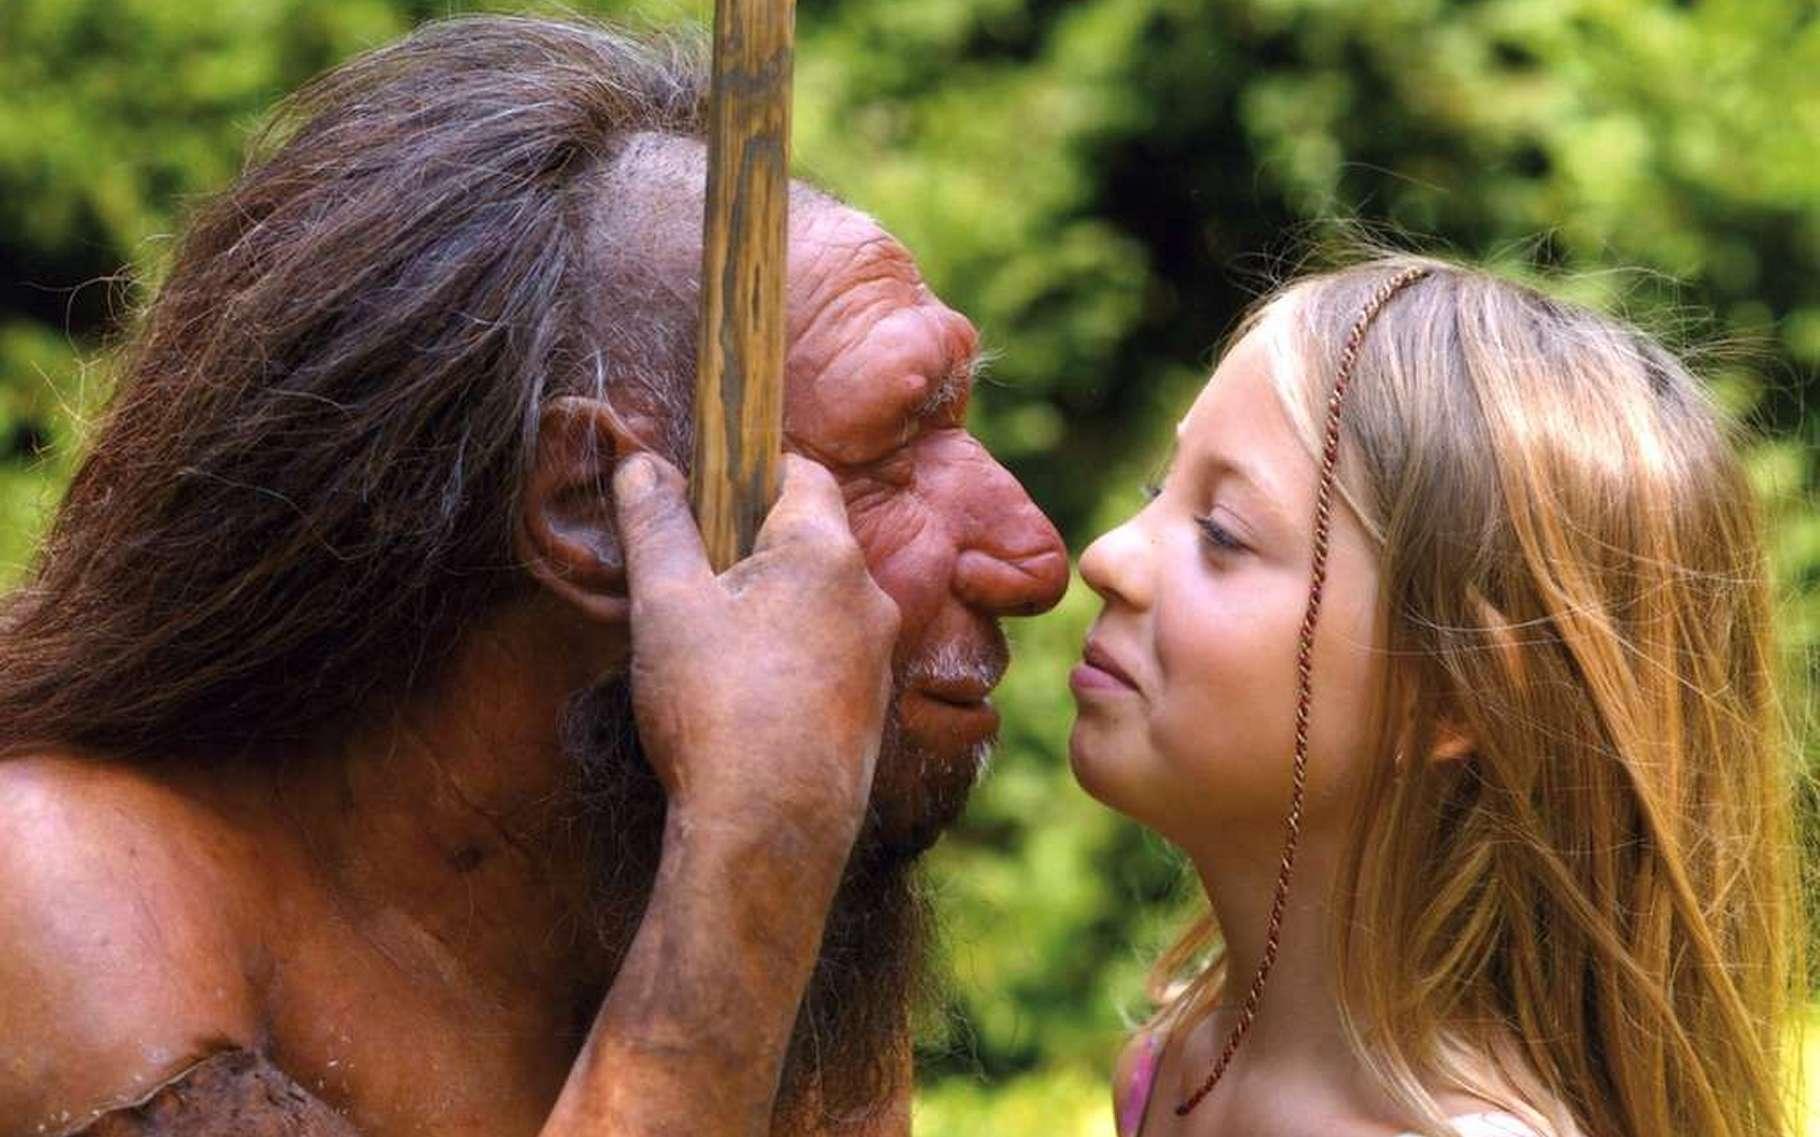 Un Homme de Néandertal (une reconstitution réussie, bien sûr) face à une représentante d'Homo sapiens. Quelles étaient la culture, les techniques et l'organisation sociale de cet Homme disparu ? Il semble aujourd'hui qu'il était capable de fabriquer des outils bien conçus mais aussi des parures. © Neandertal Museum, Mettmann, Allemagne, CC by 4.0